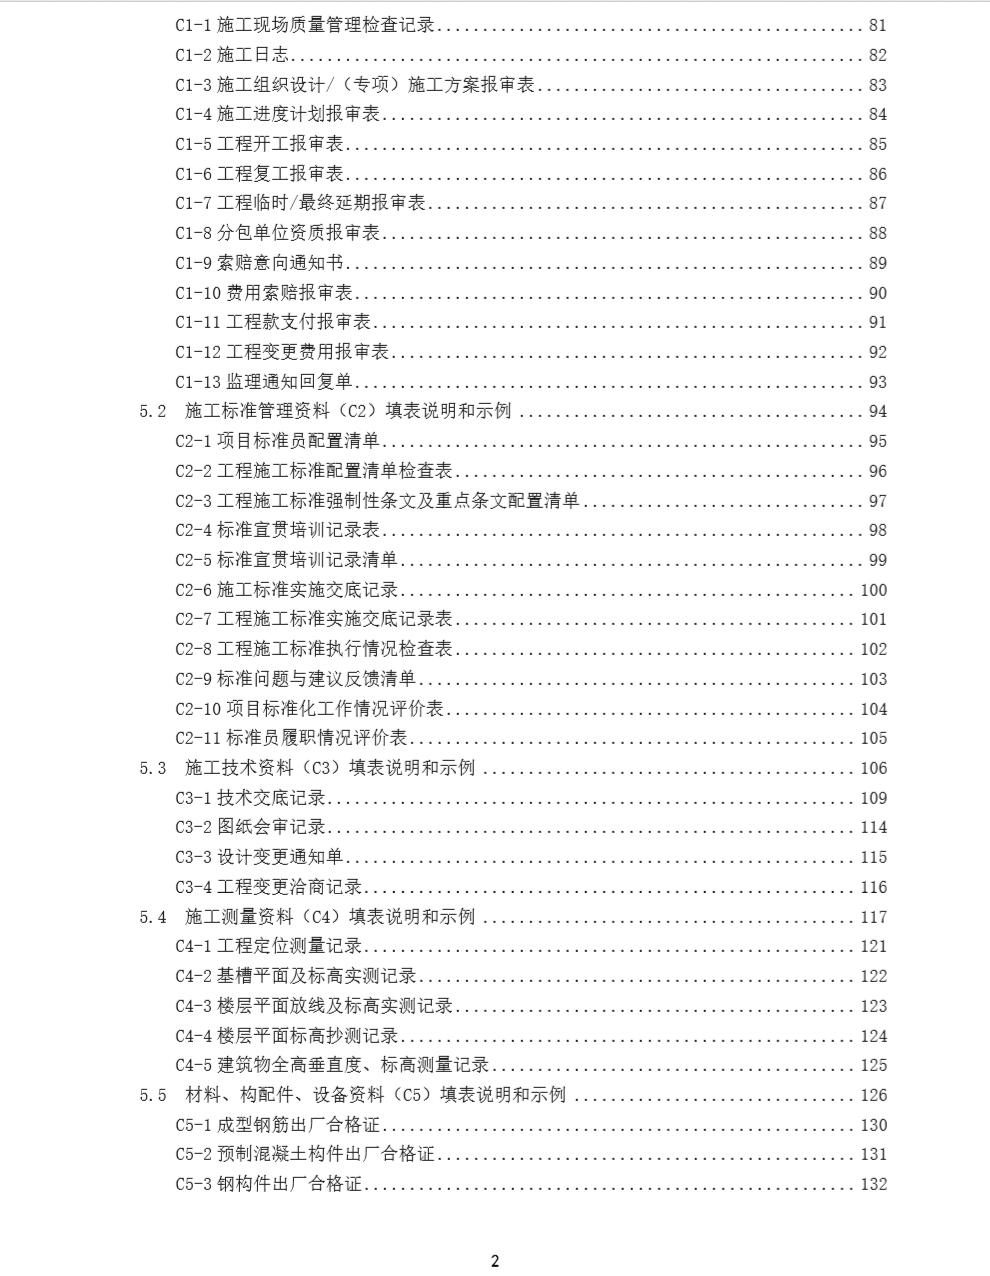 安徽范例书目录4.jpg